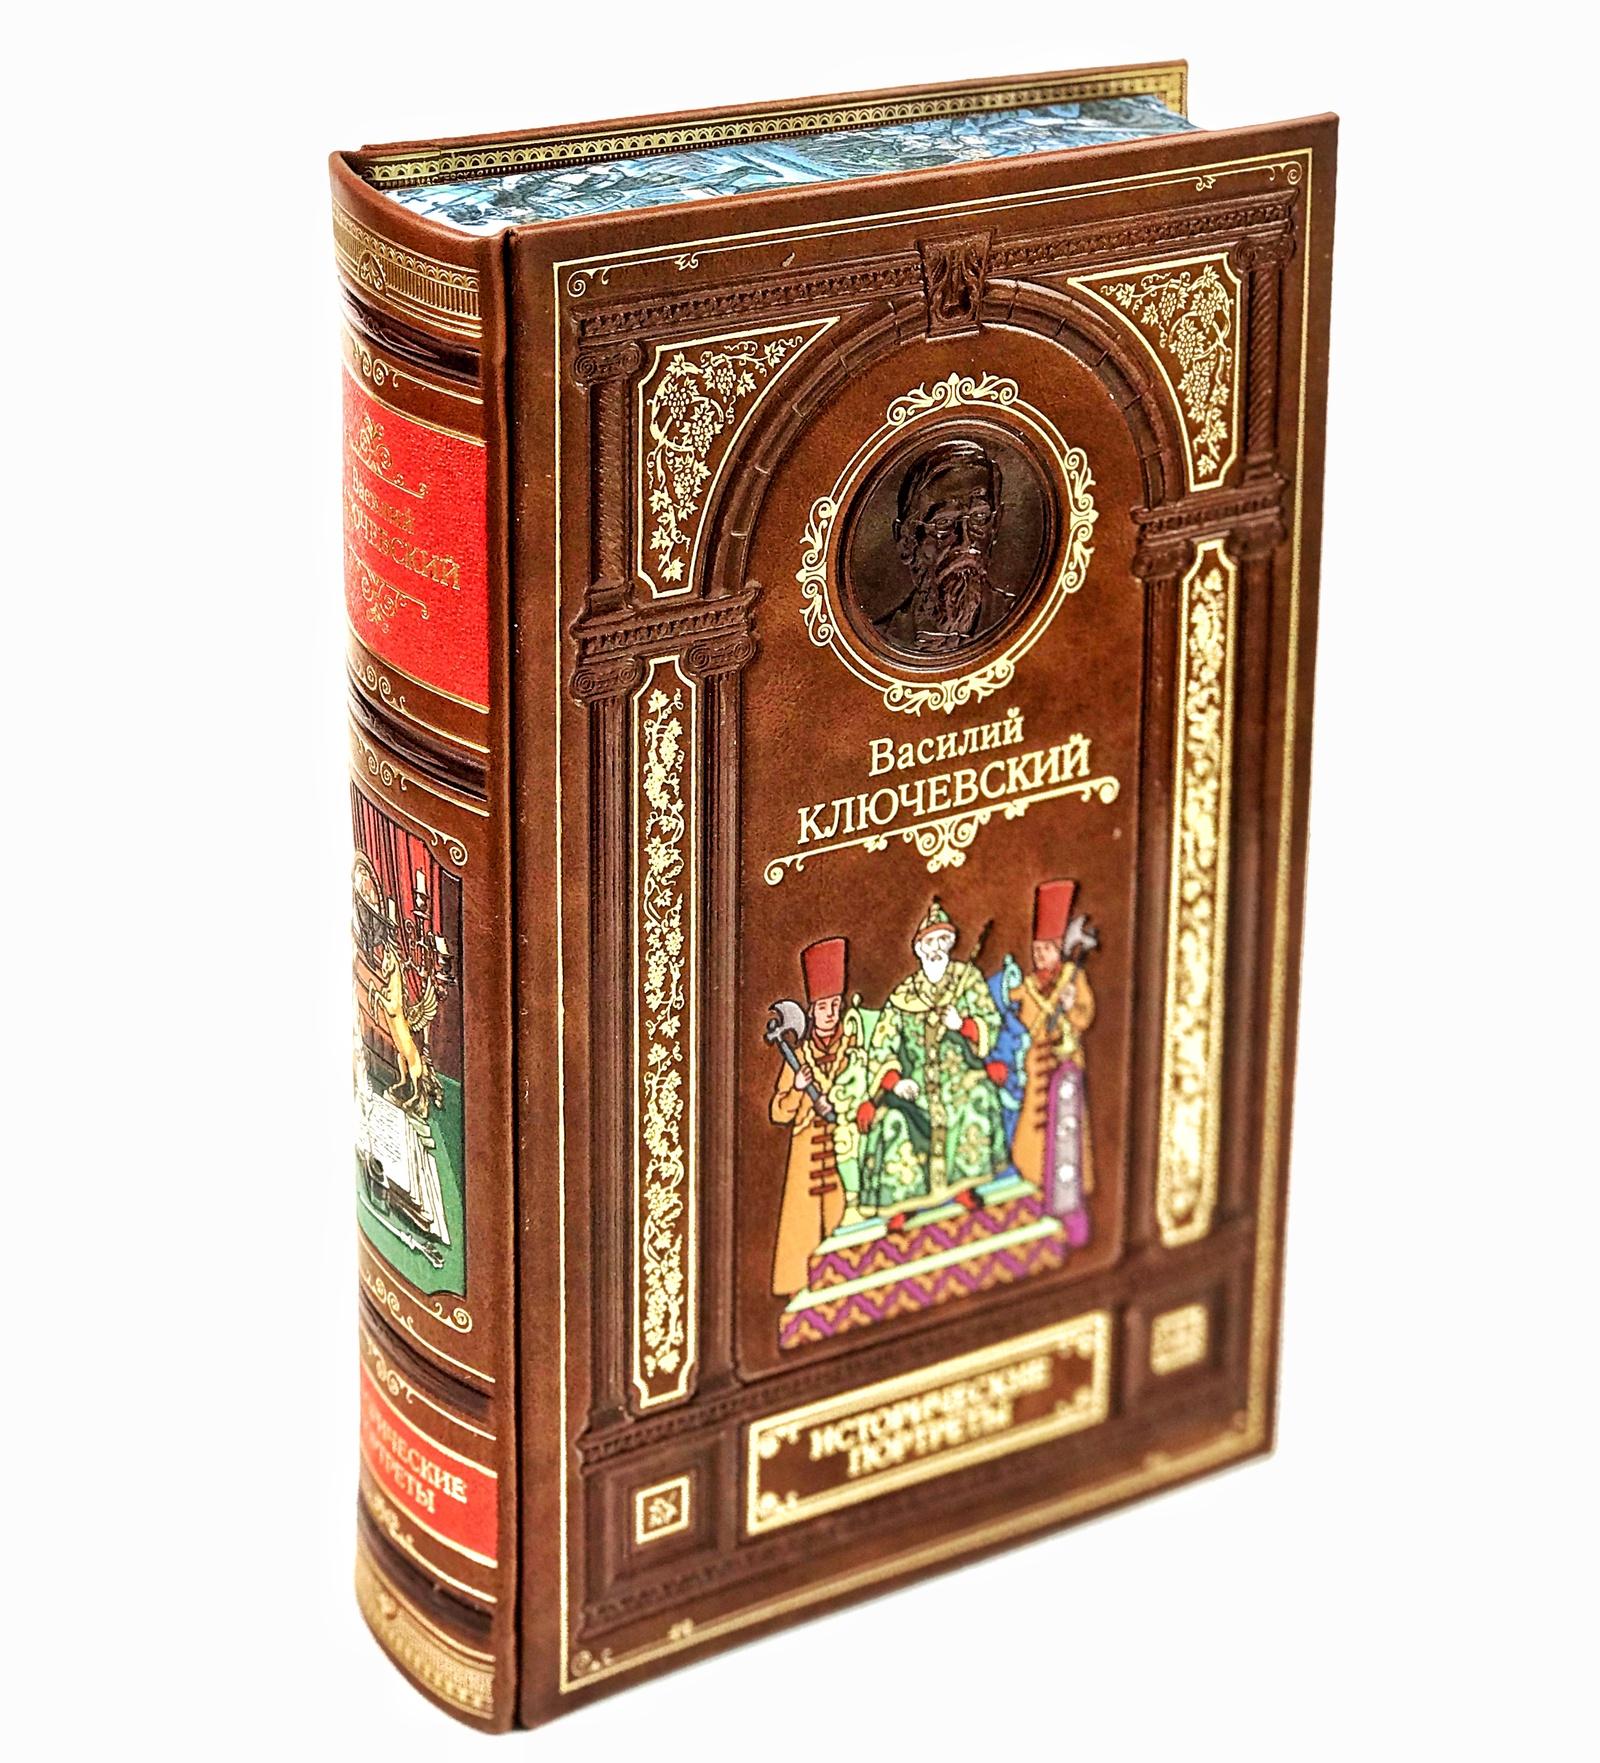 """В.О. Ключевский В.О. Ключевский """"Исторические портреты"""". Подарочное издание в кожаном переплете, BookTrw034, 676стр."""